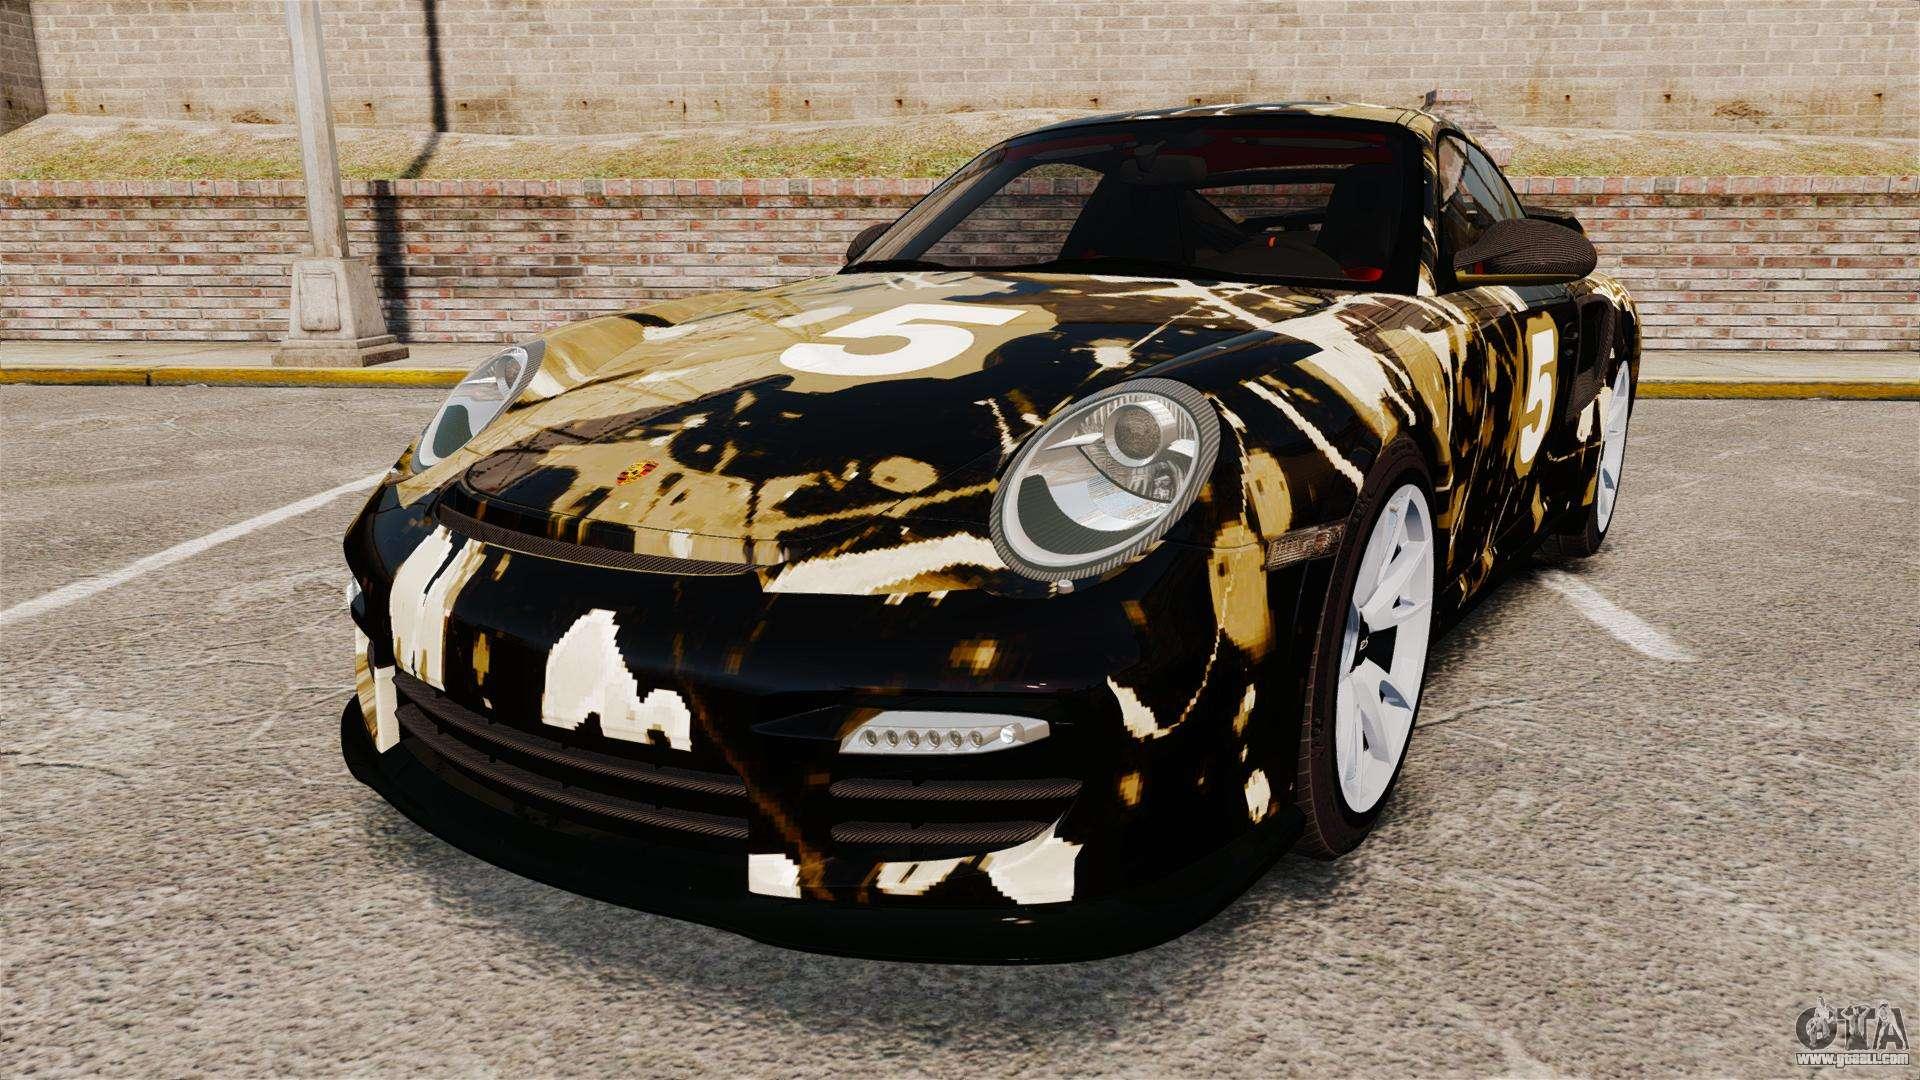 178607-GTAIV-2014-04-16-15-07-26-05 Astounding Porsche 911 Gt2 Rs 2012 Cars Trend